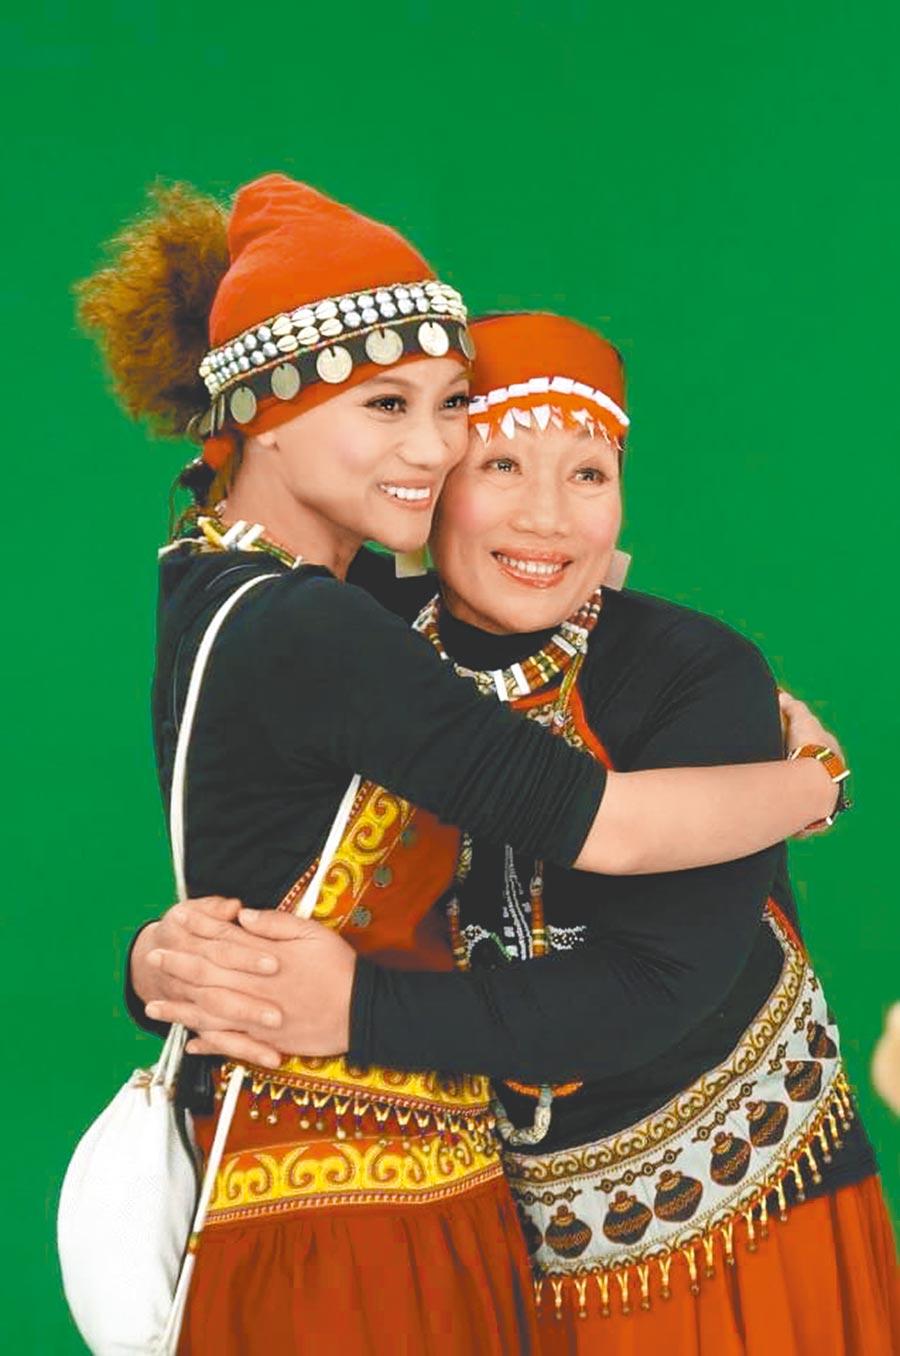 阿爆(左)和媽媽共同入圍最佳作詞人。(那屋瓦文化提供)